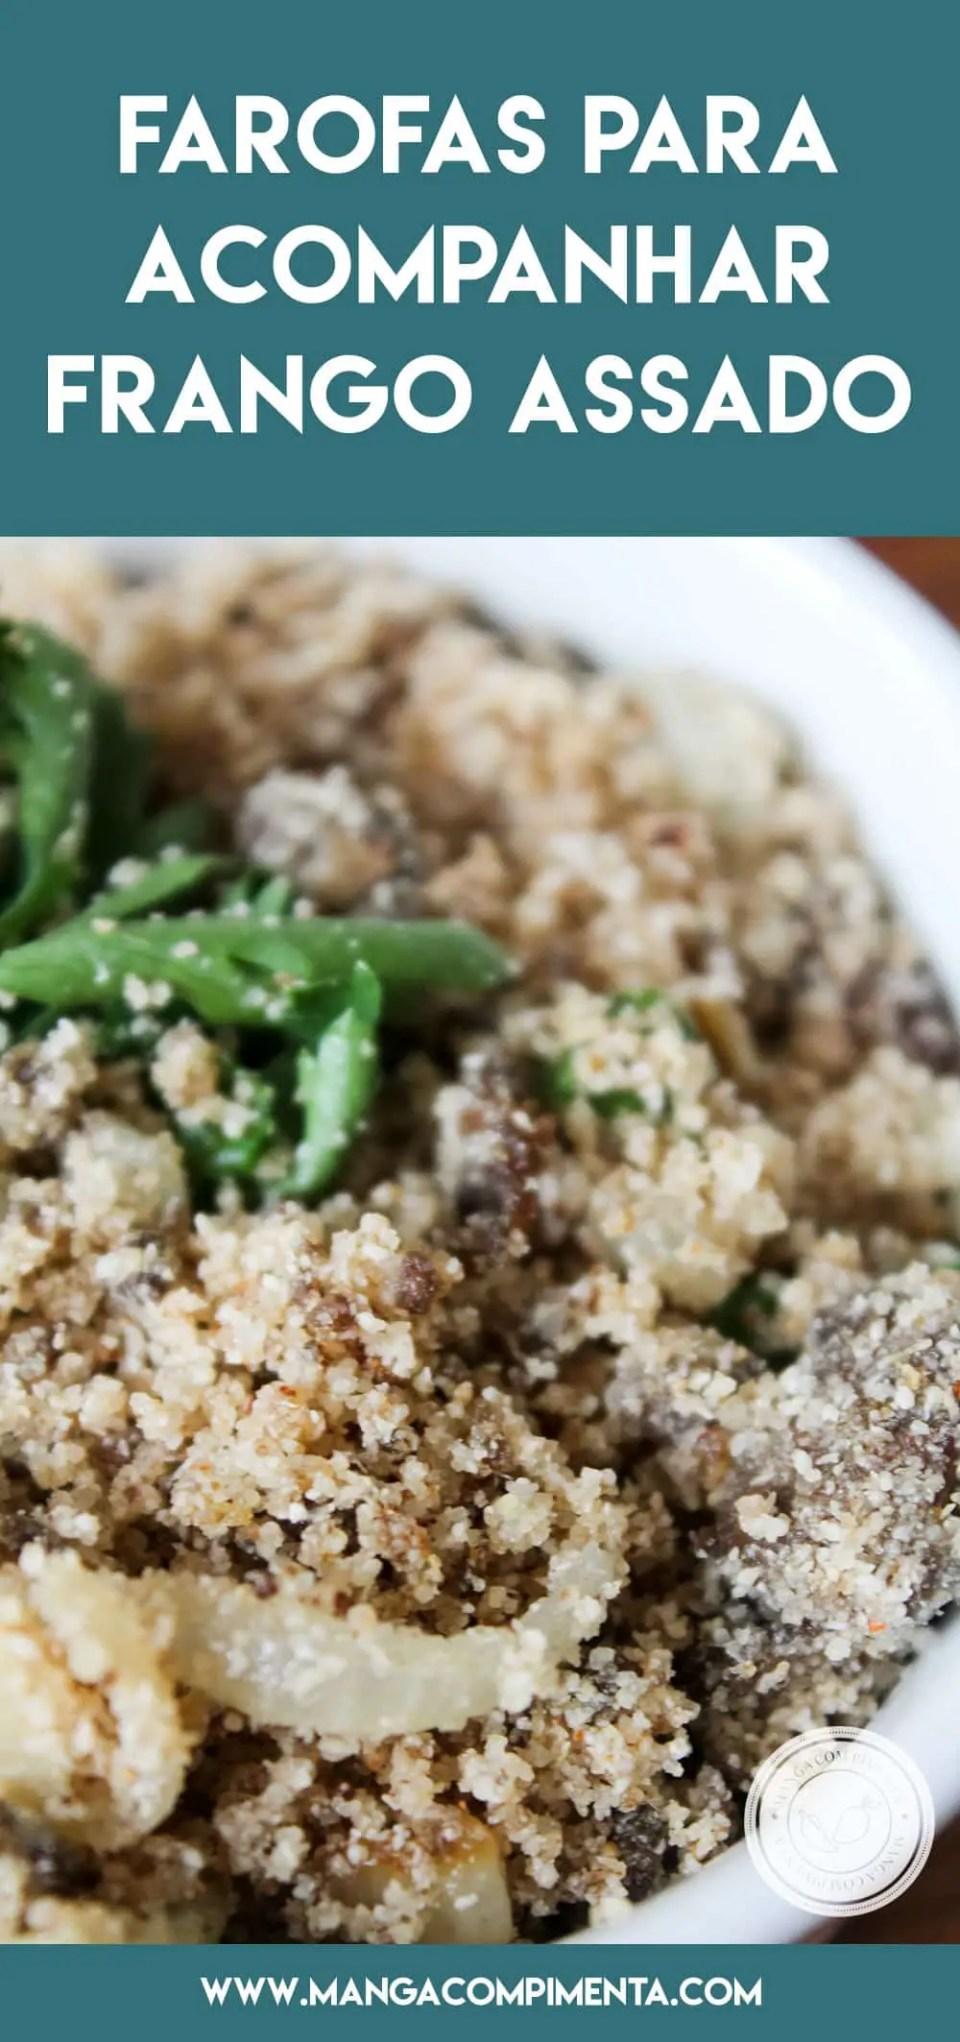 Receitas de Farofas para o Frango Assado - prepare um acompanhamento delicioso para a sua carne assada.